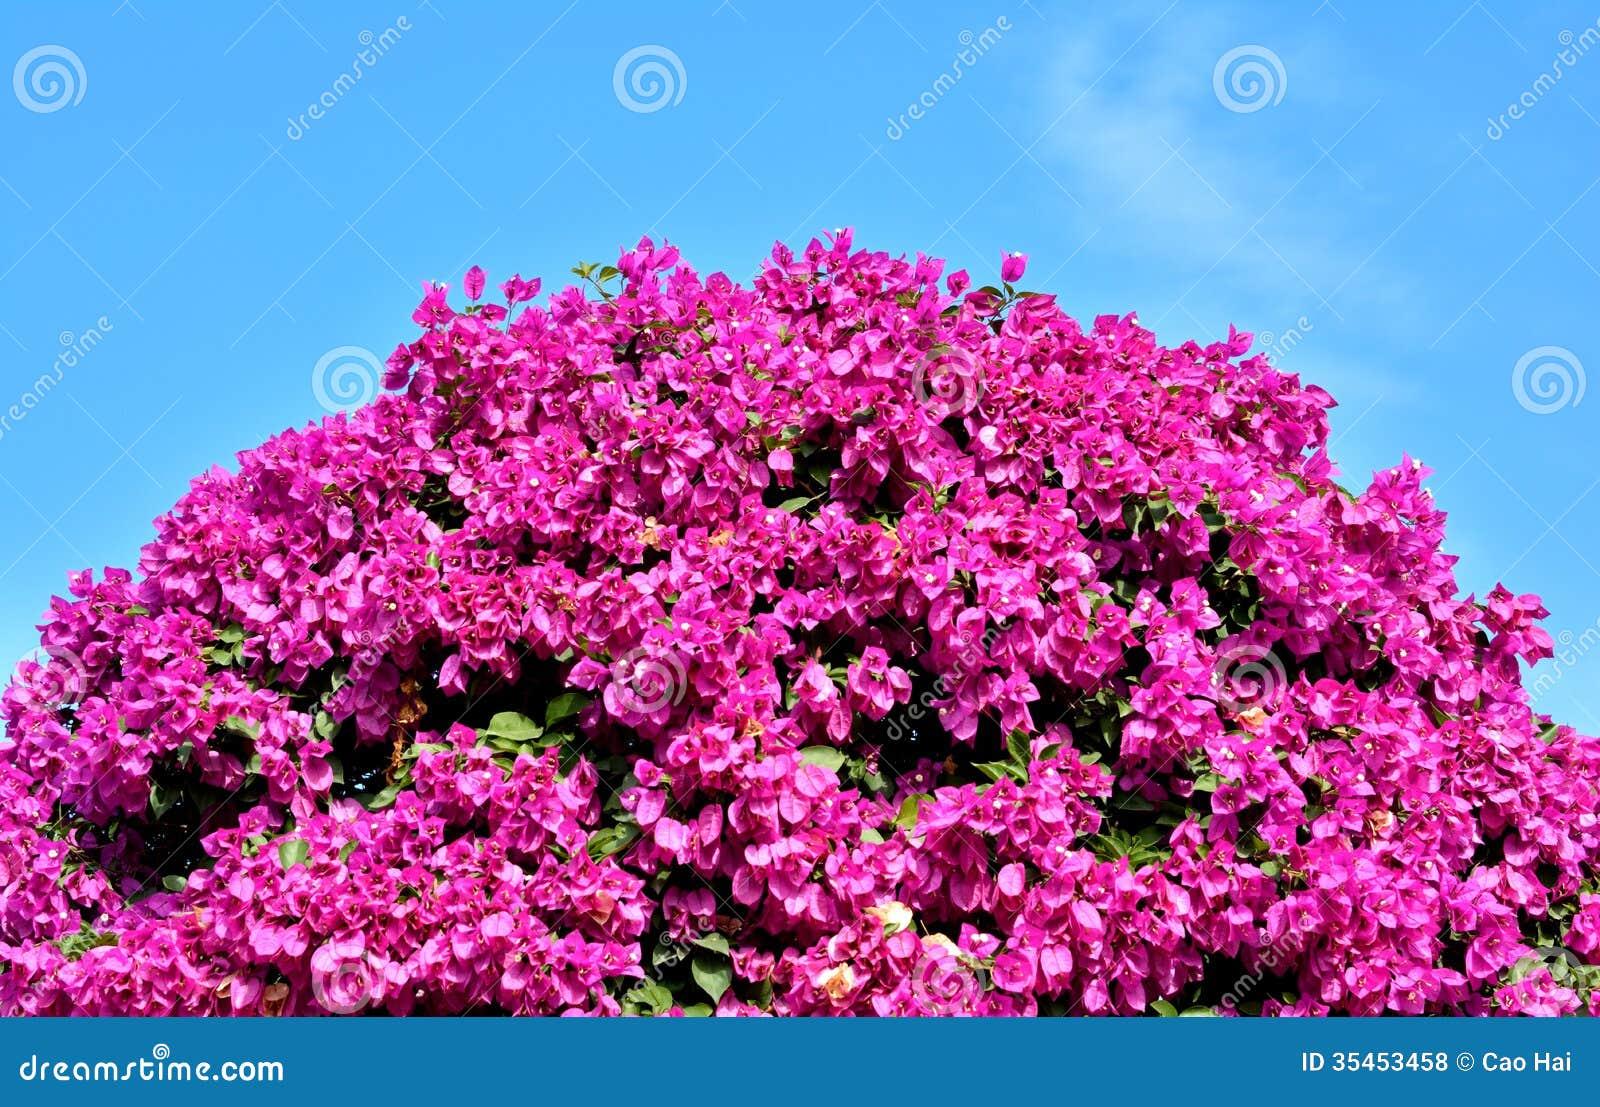 Flores p rpuras de la buganvilla como forma de la bola fotos de archivo libres de regal as - La buganvilla ...